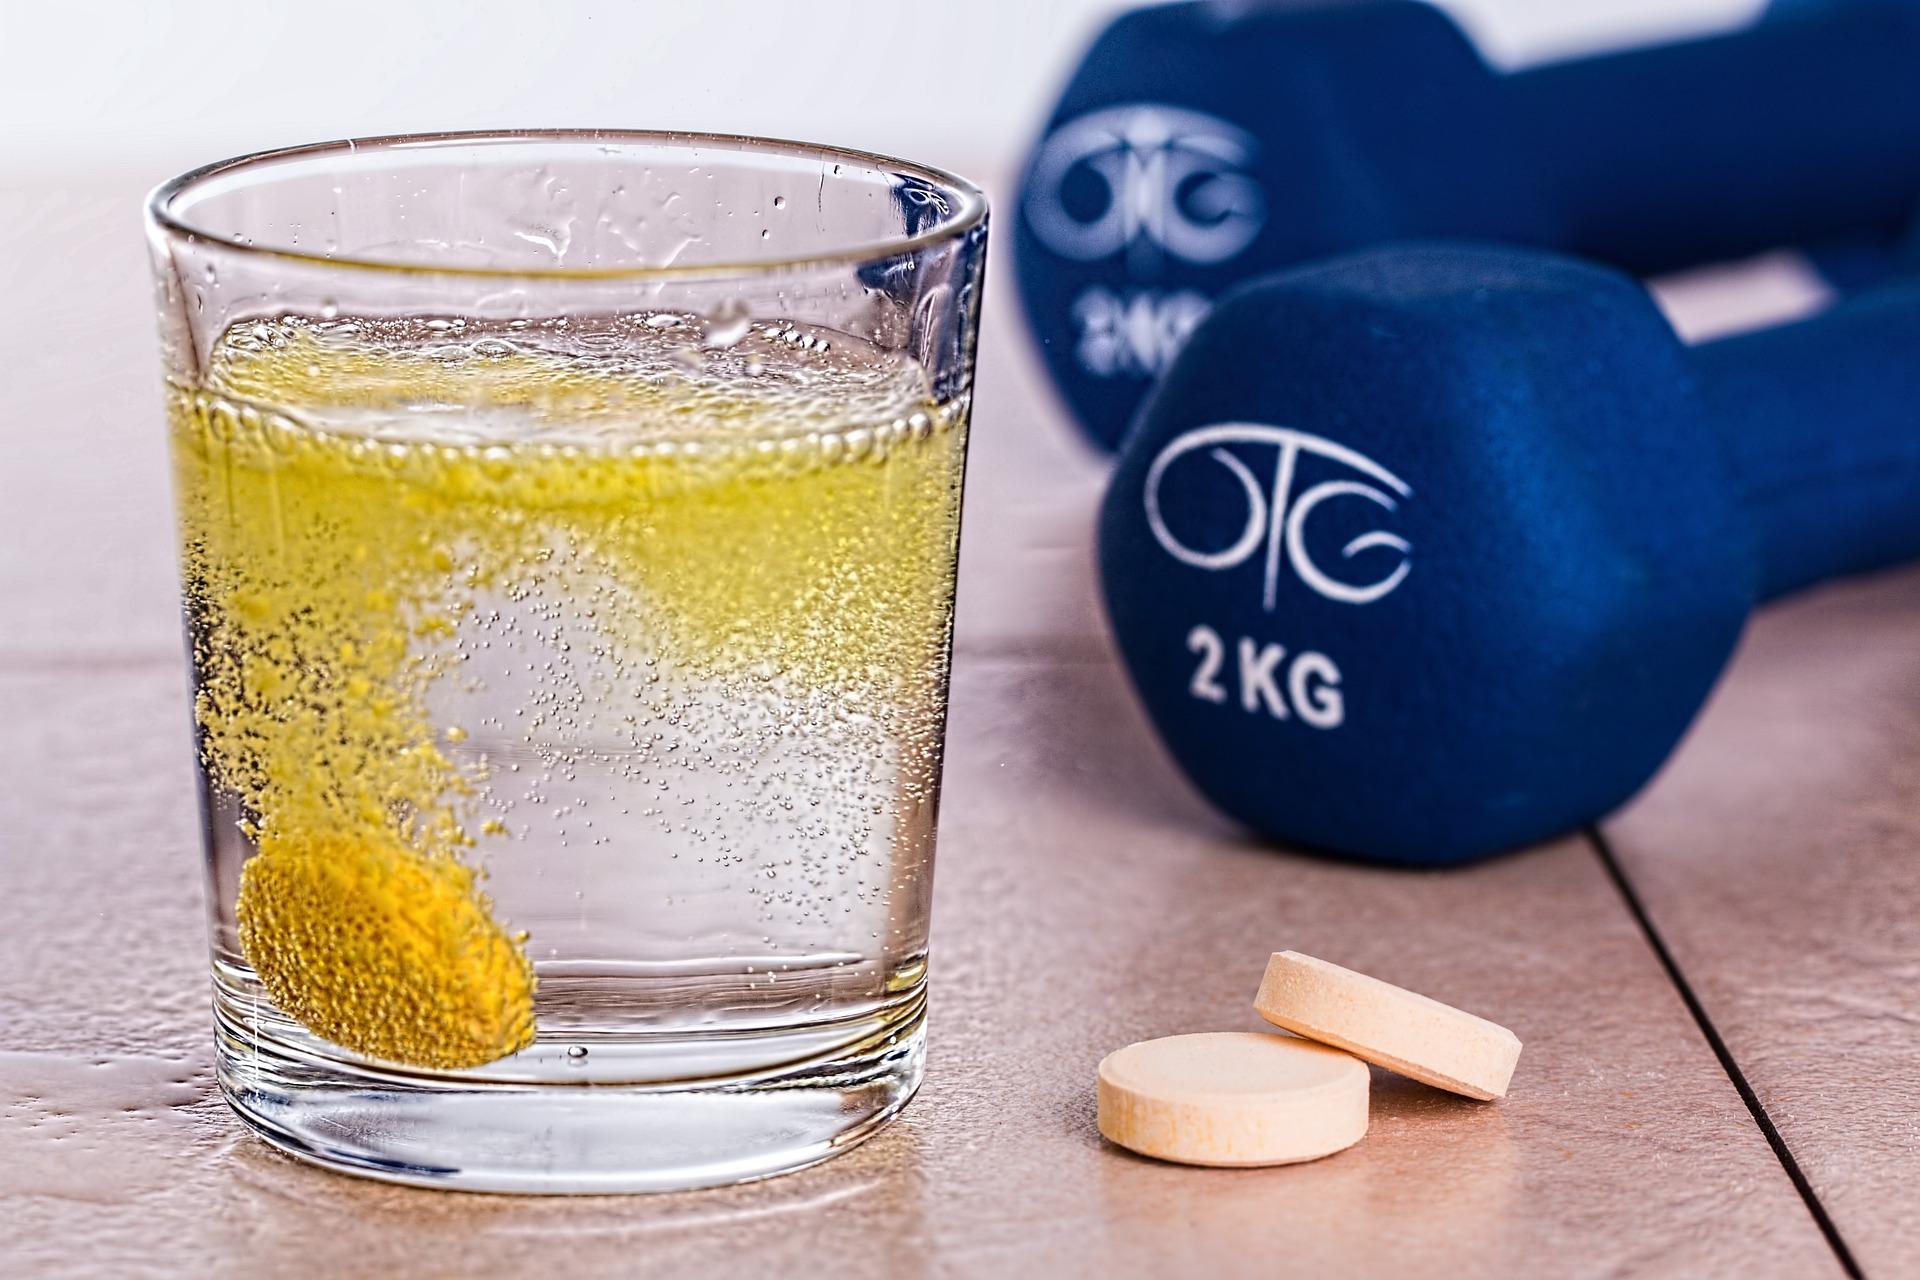 Benötigen wir Multivitamin-Tabletten?